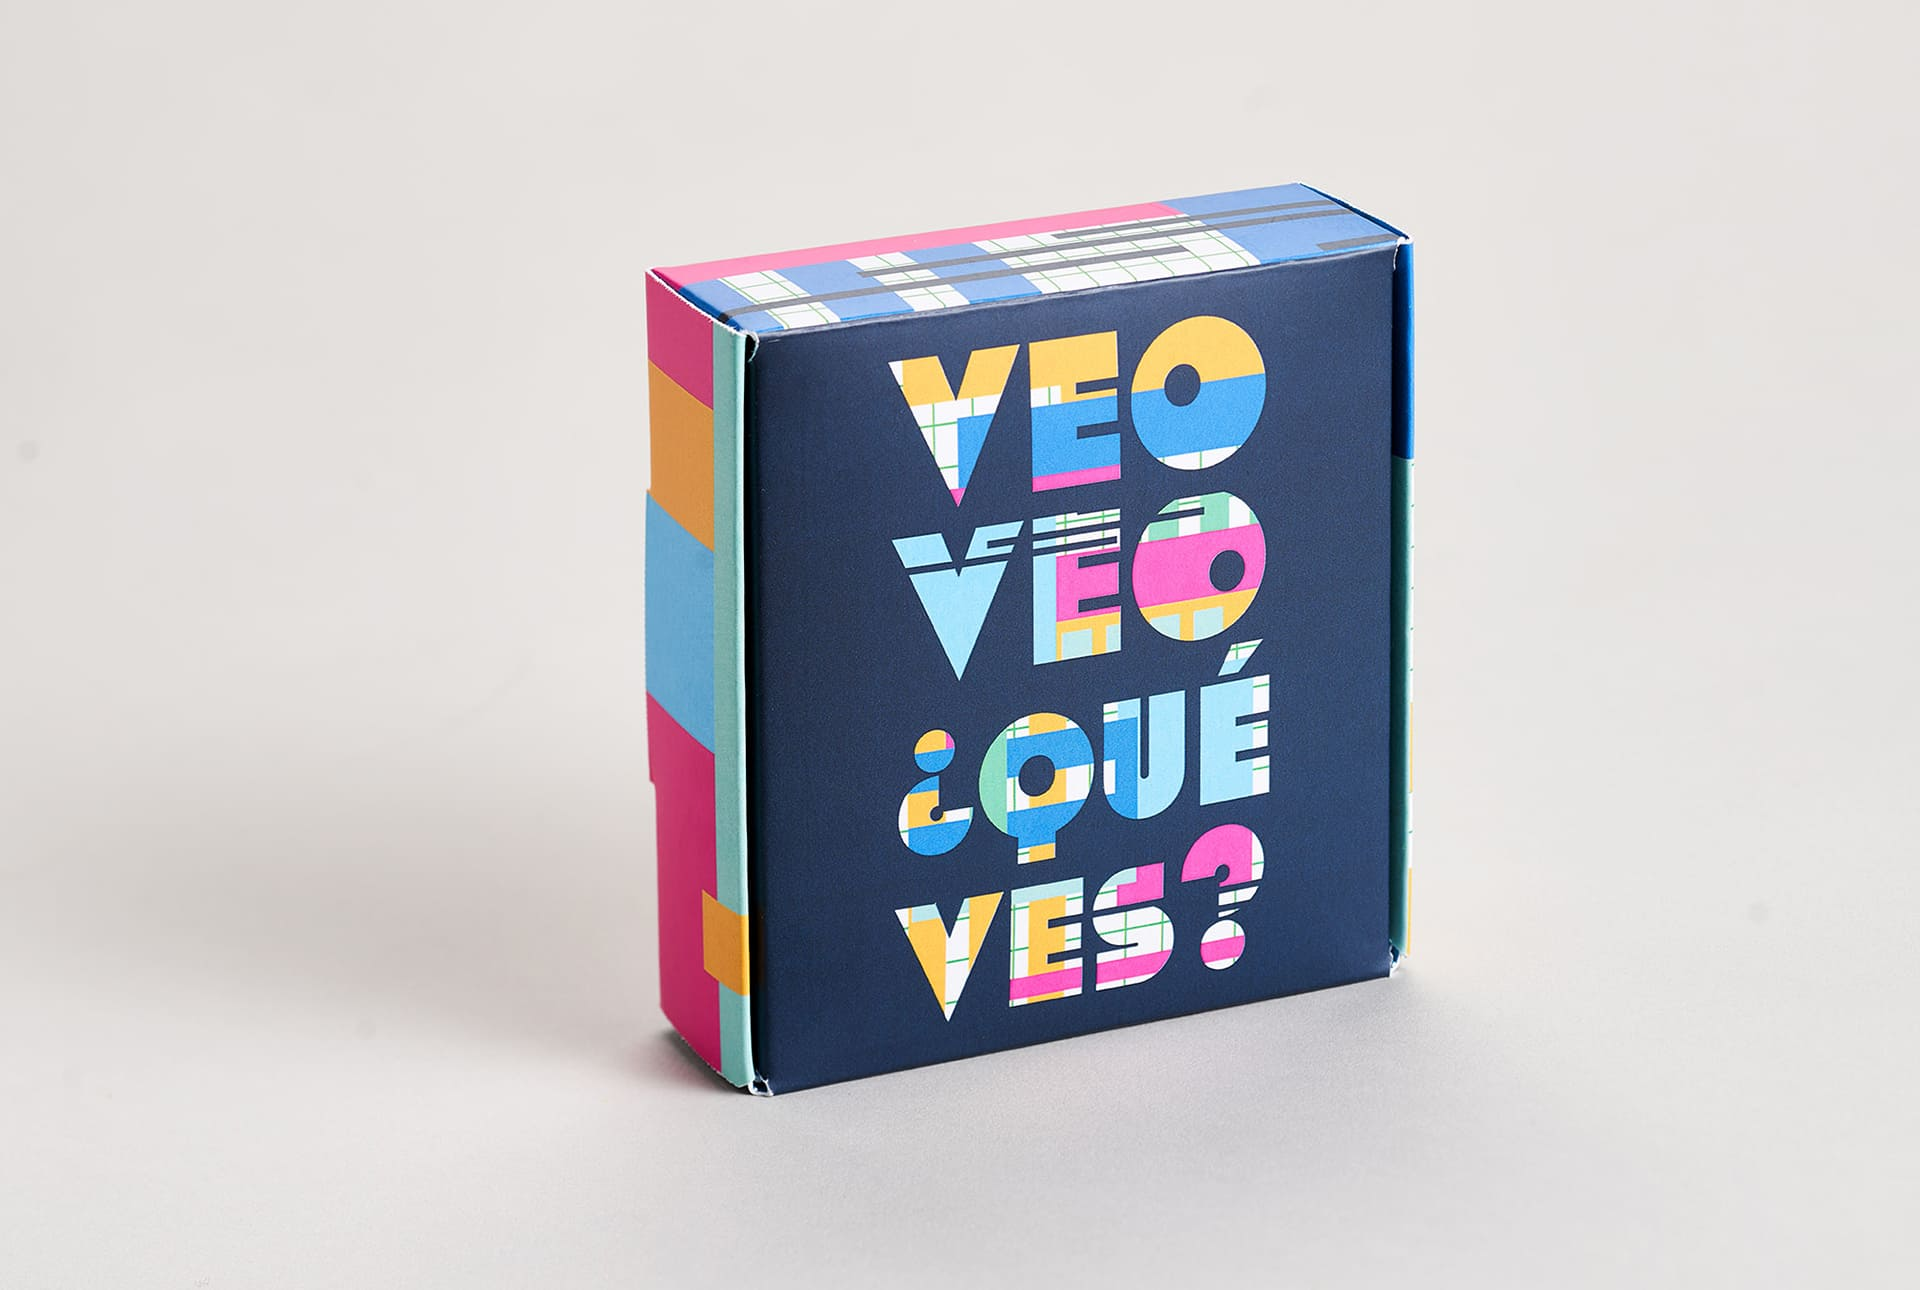 veo_veo1